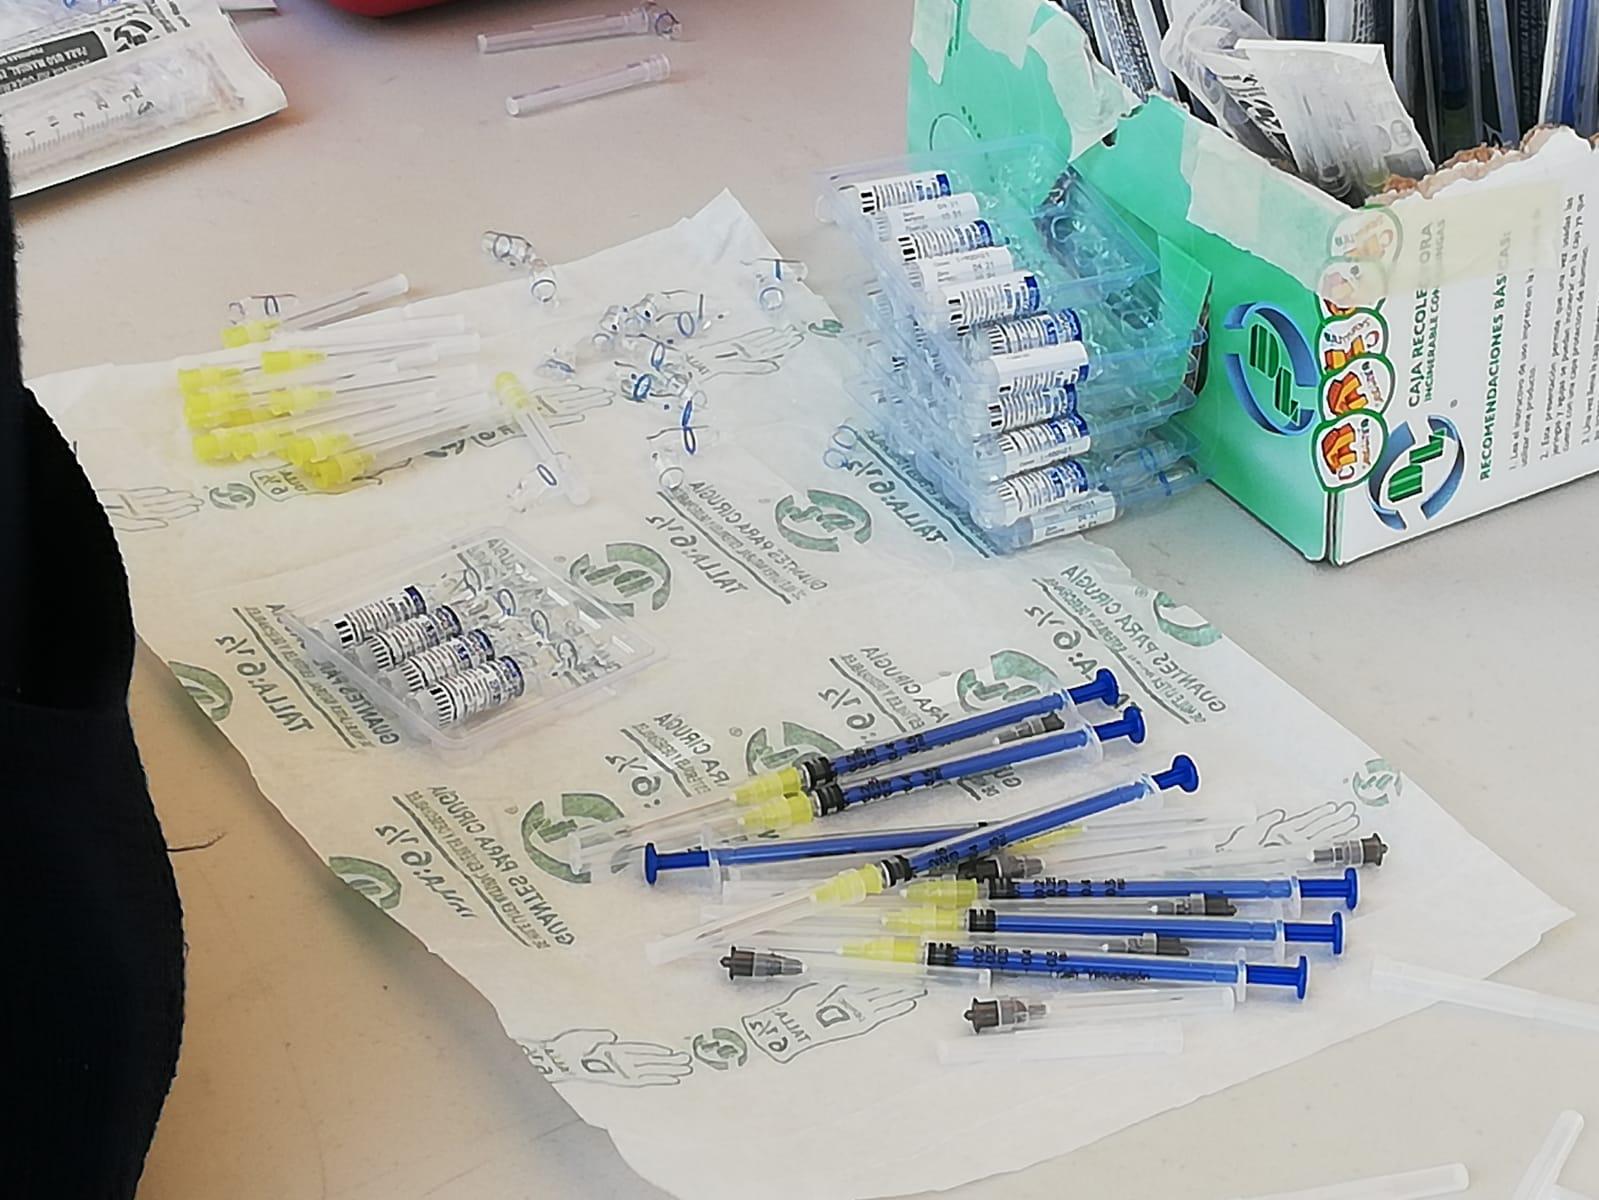 Empresas aún no piden de requisito estar vacunados contra el covid19: CCE Edomex